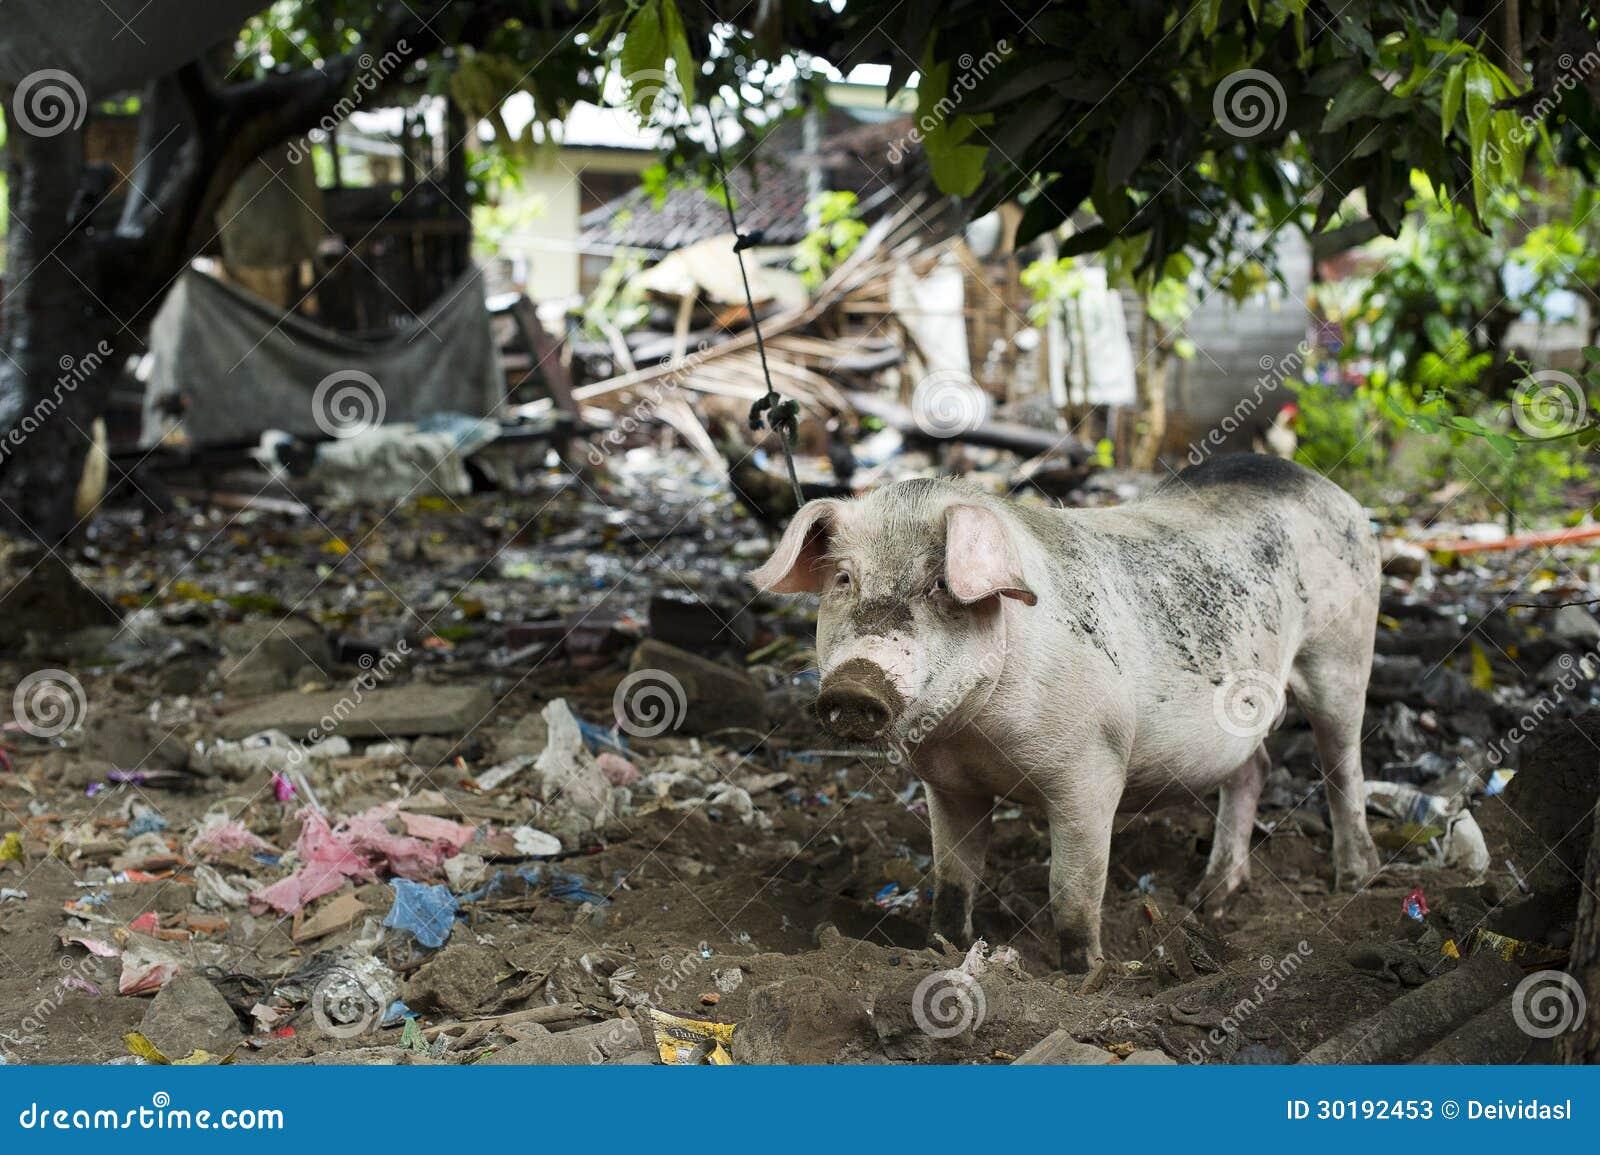 Schwein Im Schmutzigen Hinterhof Stockbild Bild Von